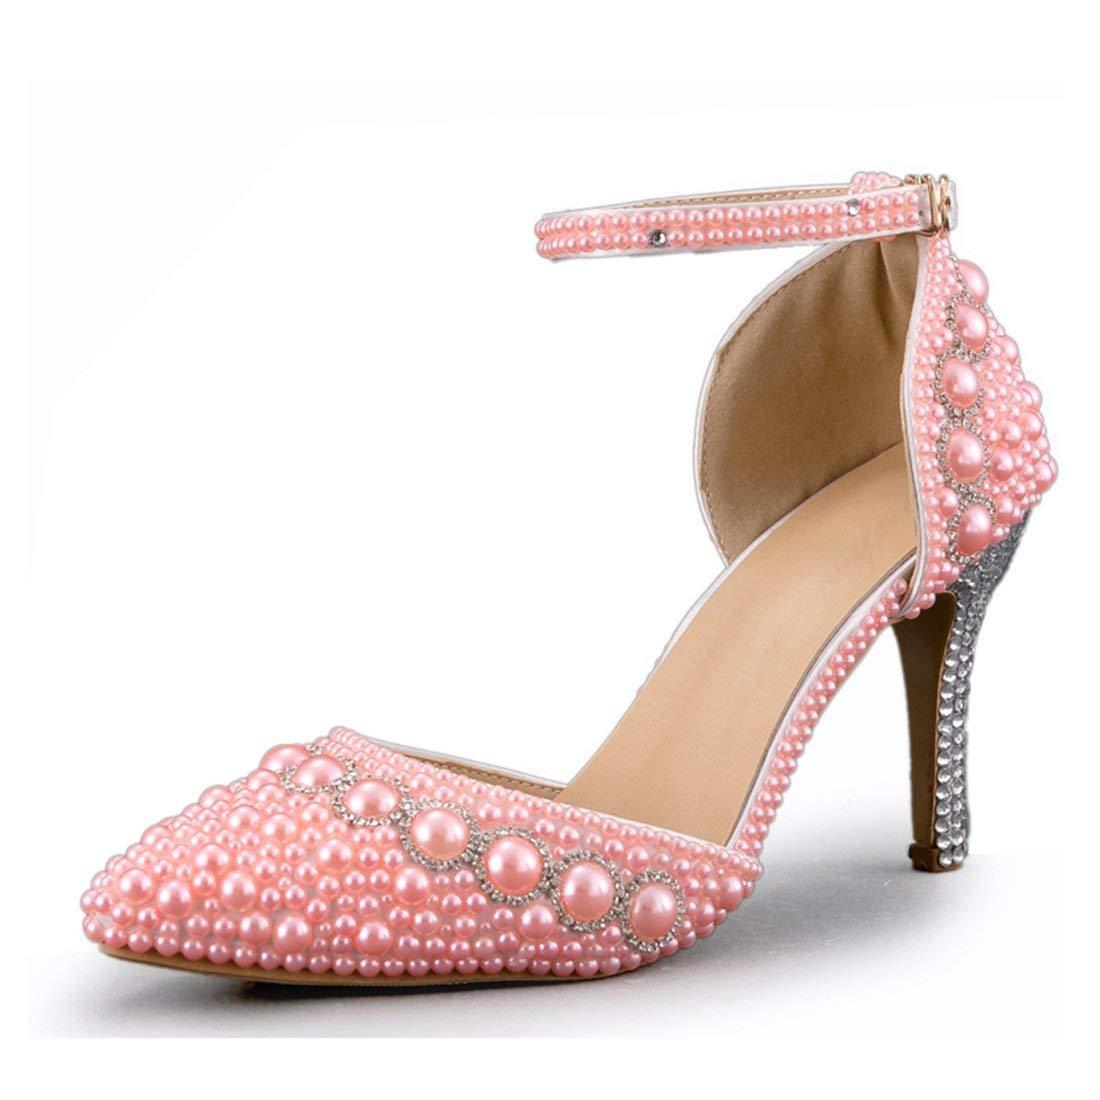 ZHRUI Handgefertigte Perlen Rosa Braut Brautschuhe mit Perle Strass UK 4 (Farbe   -, Größe   -)